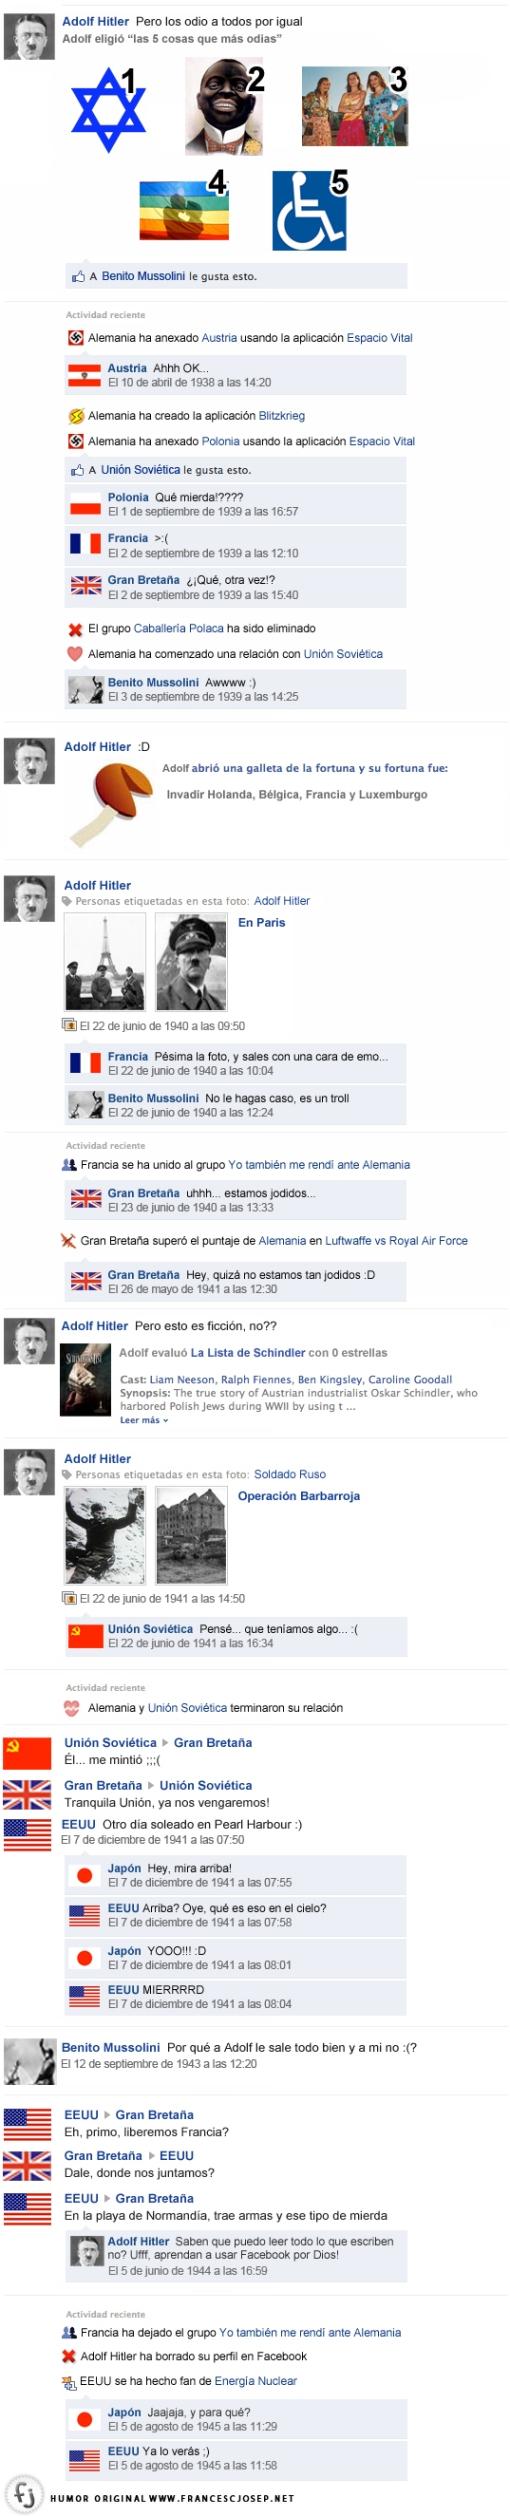 facebookiigm